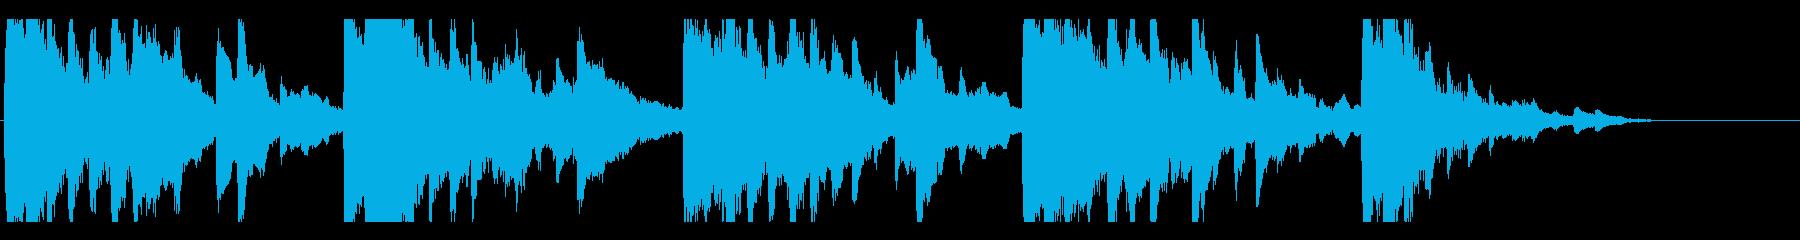 切なくしっとりとしたアンビエント風ピアノの再生済みの波形